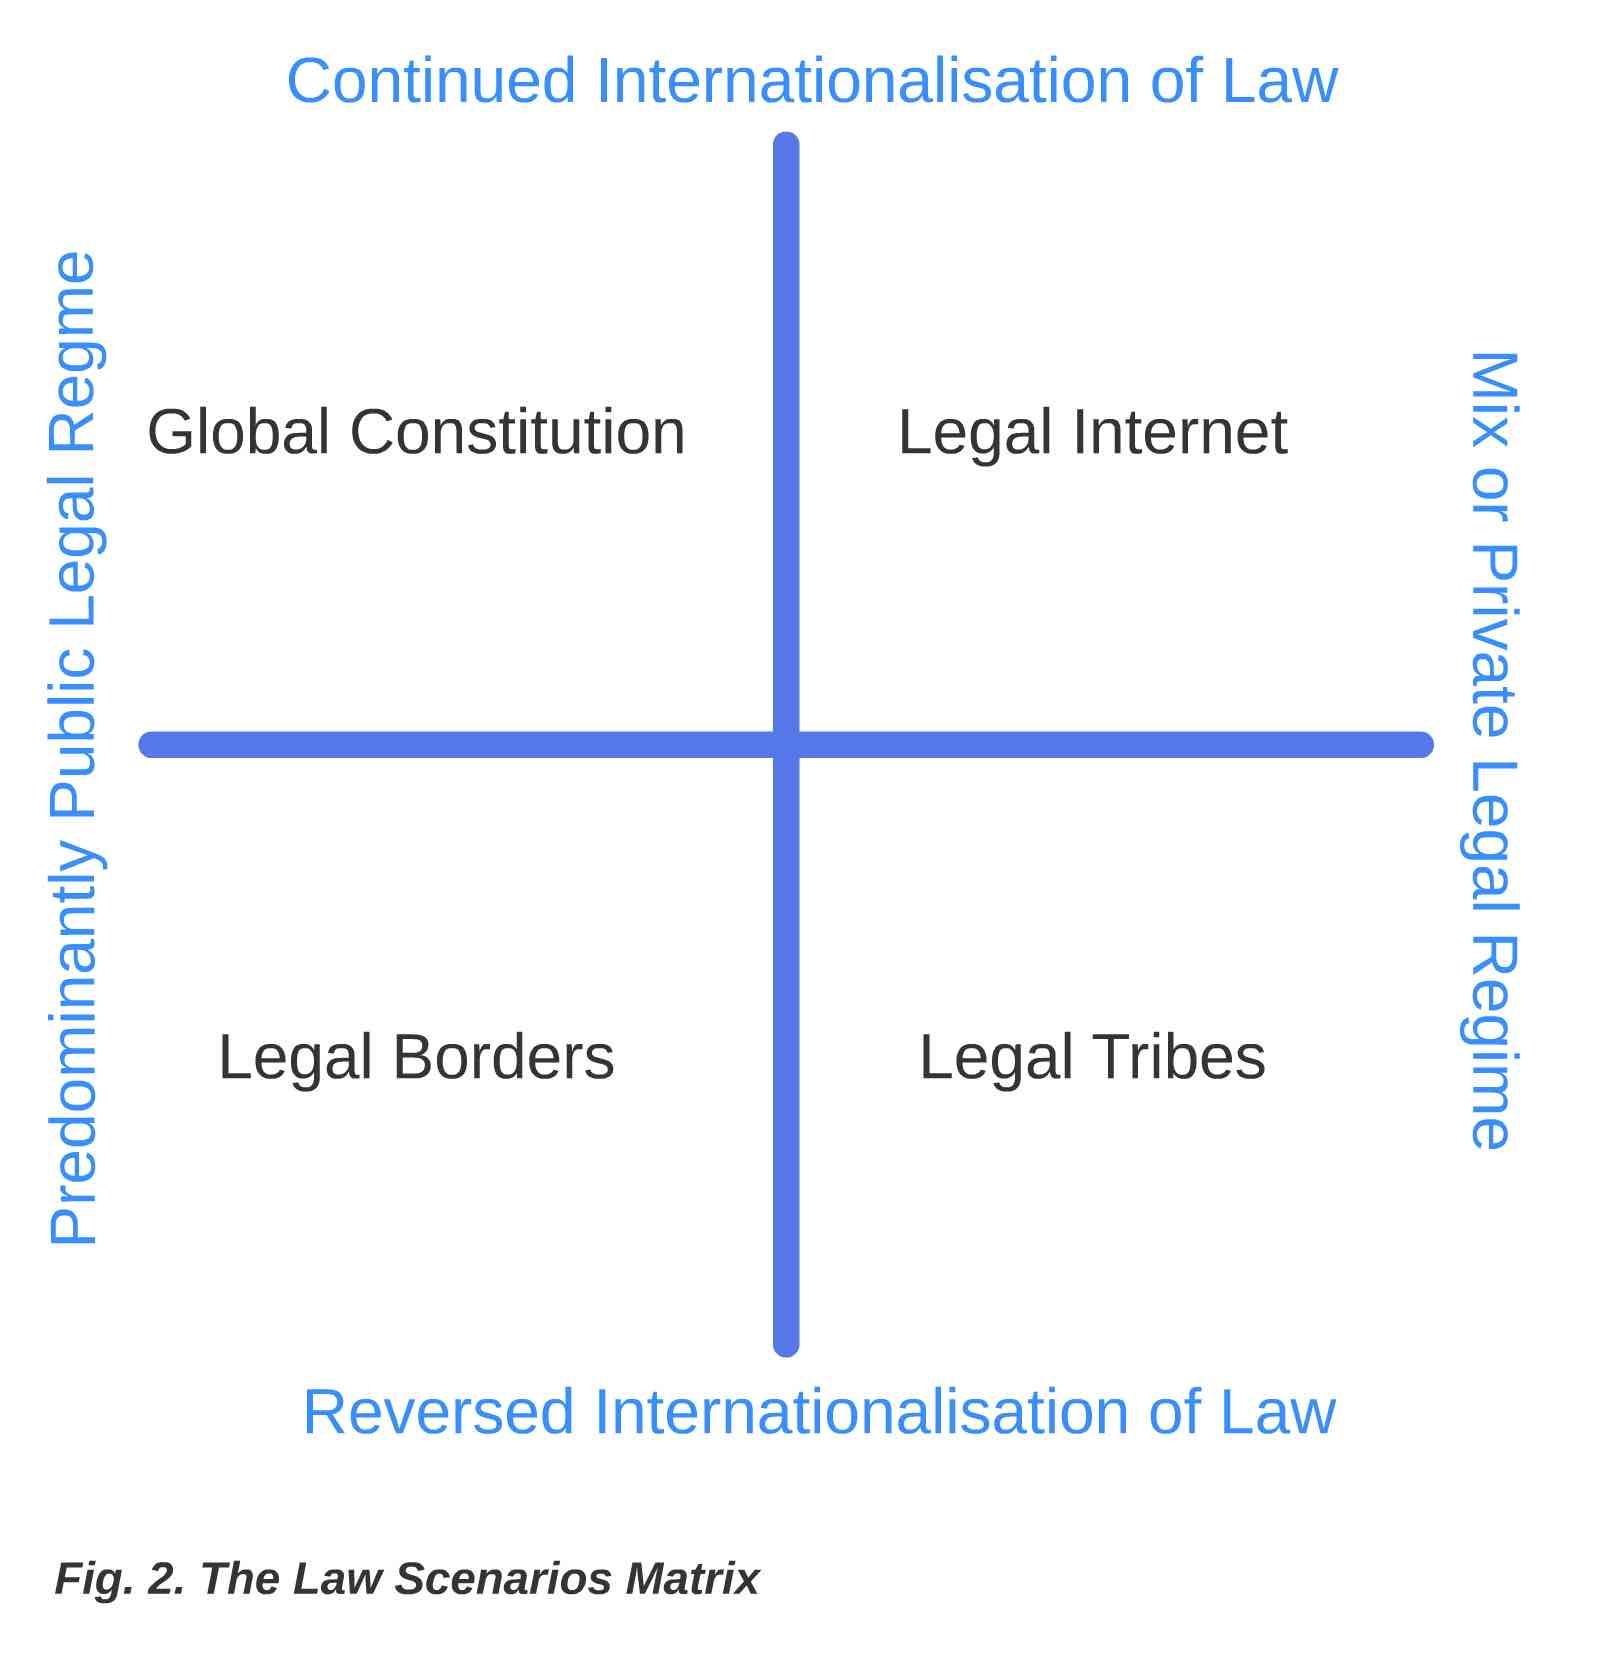 Law Scenarios